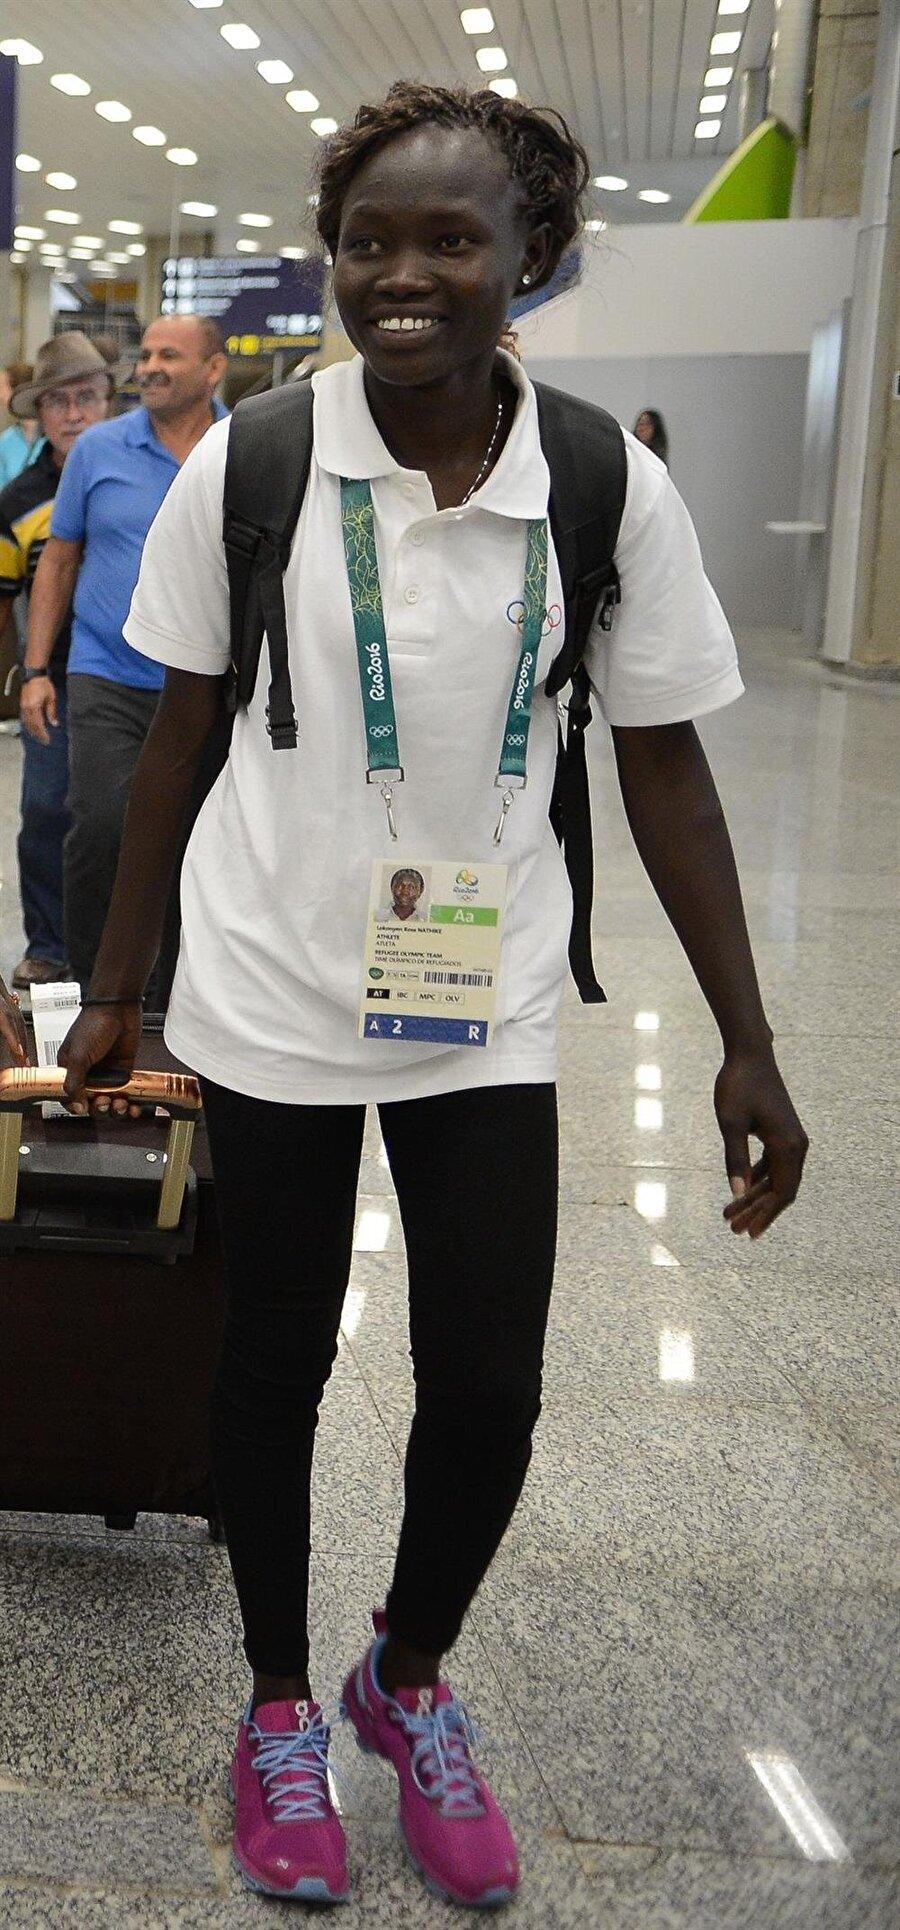 Rose Lokonyen                                      1992 ya da 1993 yılında doğduğu tahmin edilen Rose Lokonyen, aslen Güney Sudanlı. Ülkesindeki iç savaş nedeniyle Kenya'daki sığınma kampında yaşayan Lokonyen, burada atletizmle tanıştı. Lokonyen, Olimpiyat Oyunları'nın açılış töreninde mülteci takımı adına olimpiyat bayrağını taşıdı.